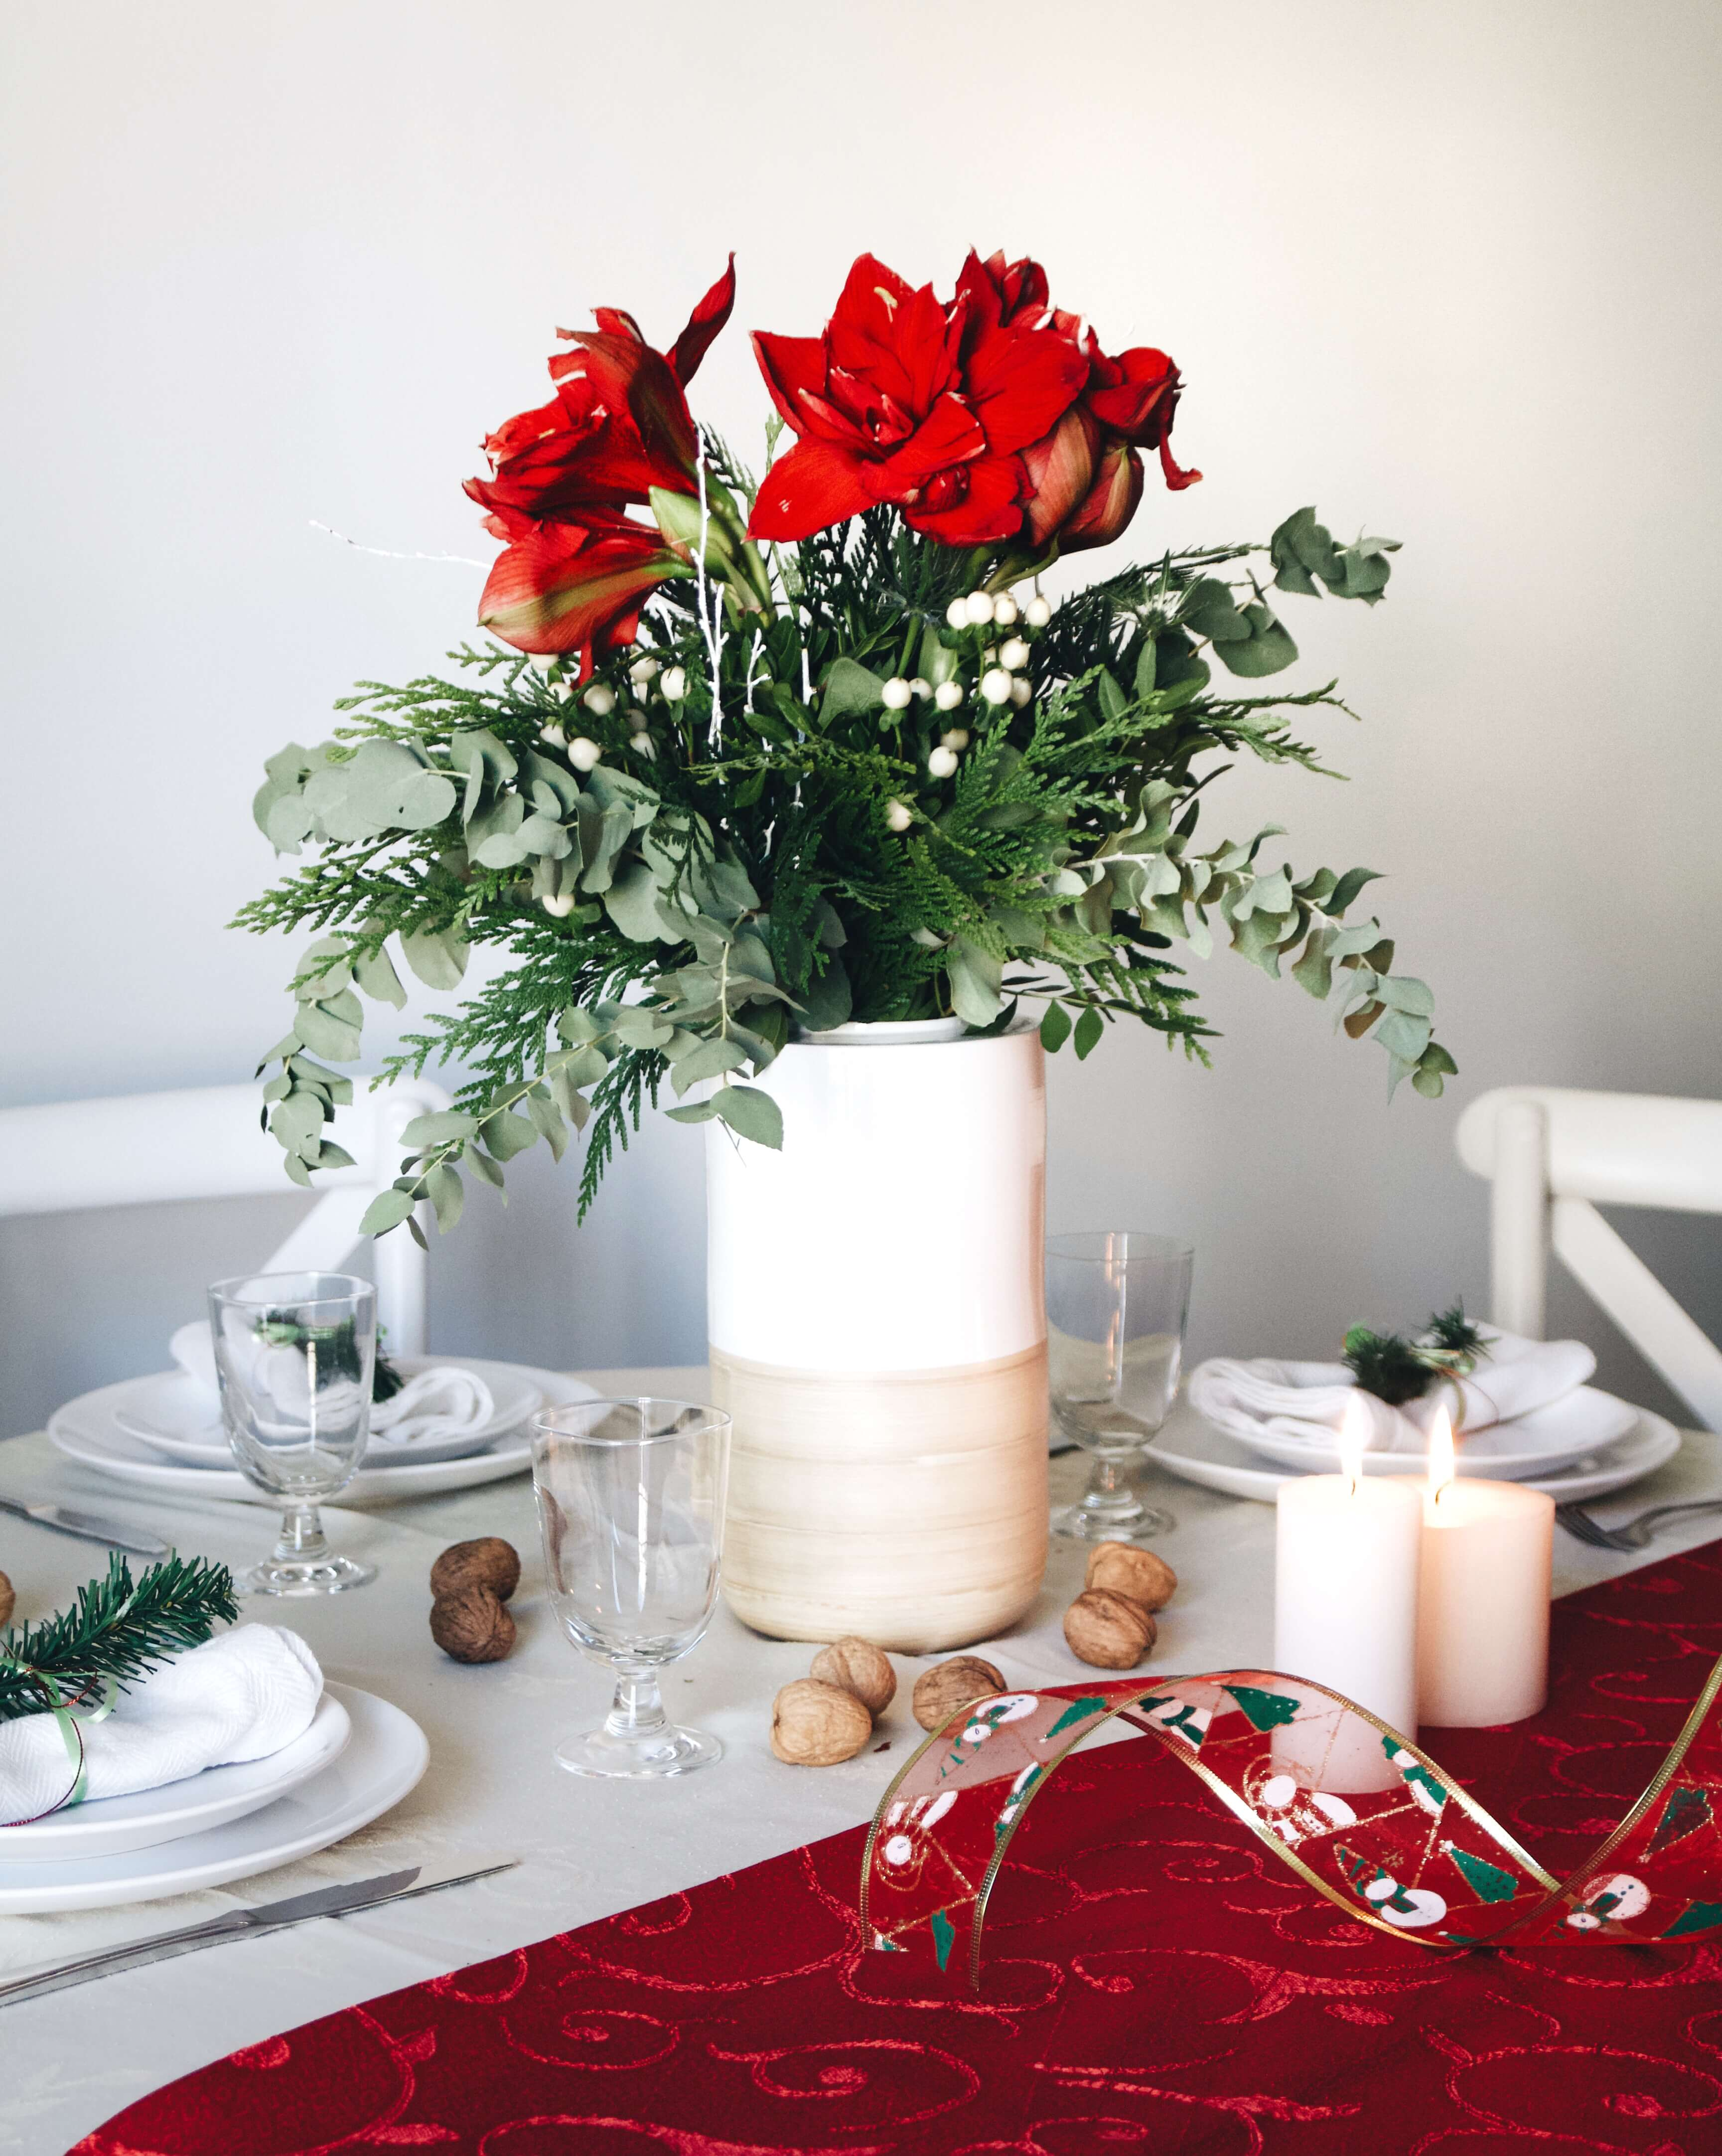 ramo de navidad con amaryllis rudolph Colvin